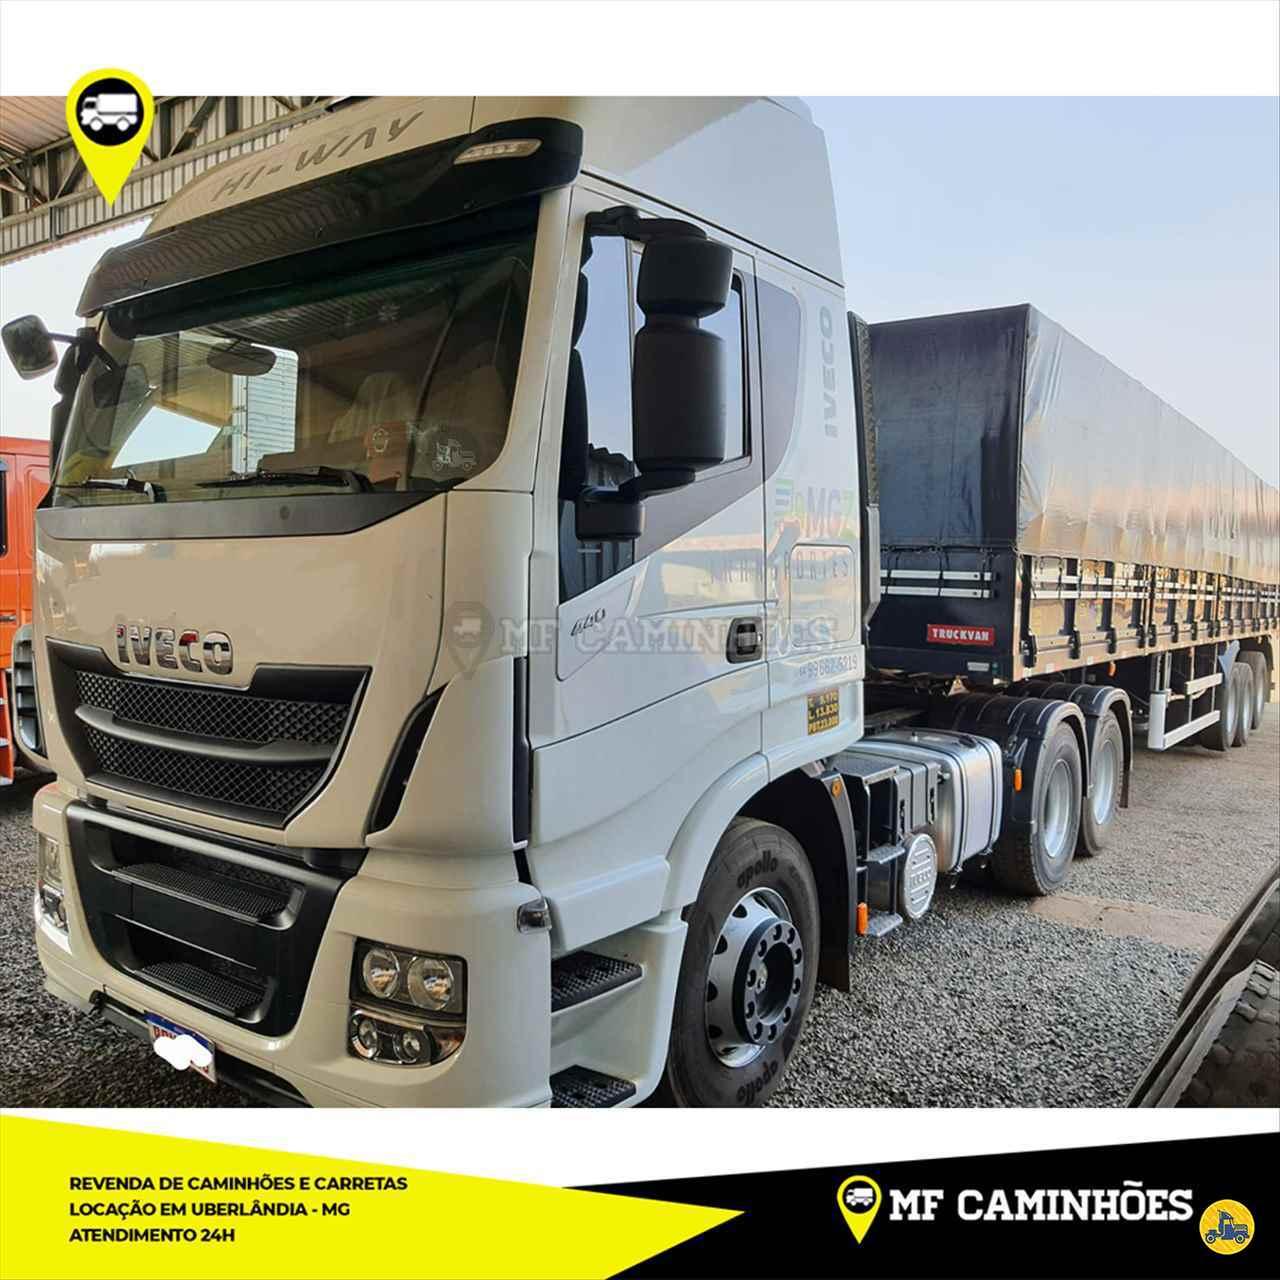 CAMINHAO IVECO STRALIS 440 Cavalo Mecânico Truck 6x2 MF Caminhões UBERLANDIA MINAS GERAIS MG